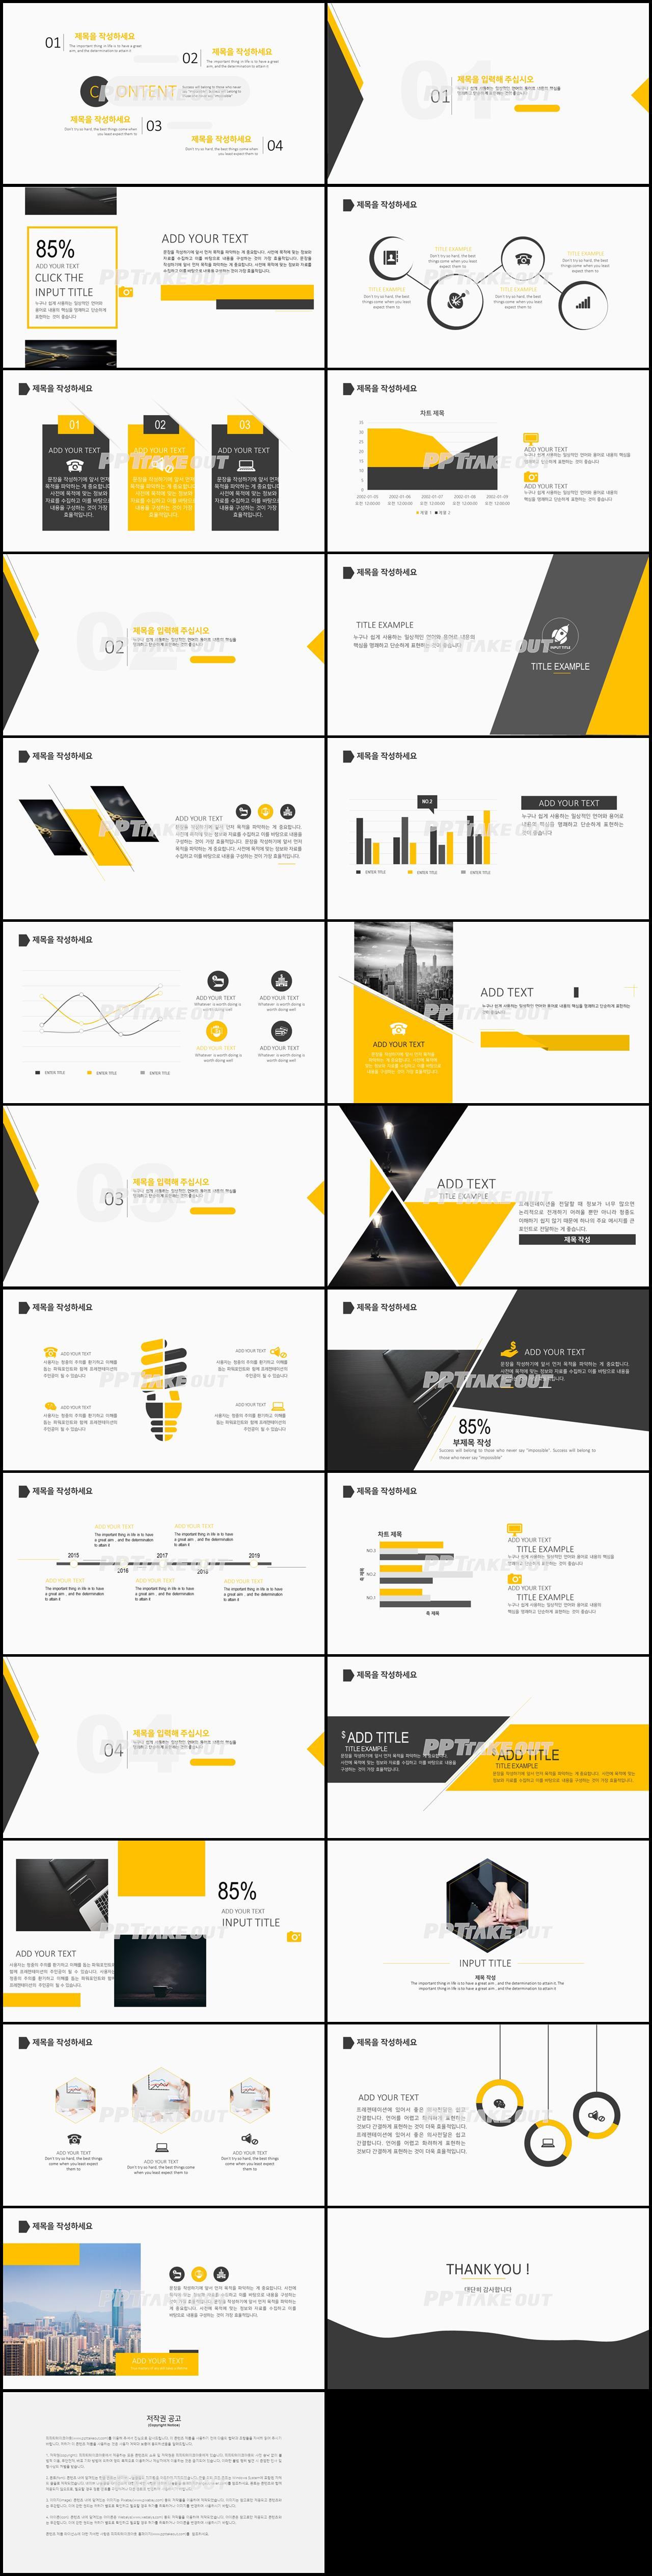 비즈니스 노란색 간단한 다양한 주제에 어울리는 POWERPOINT탬플릿 디자인 상세보기